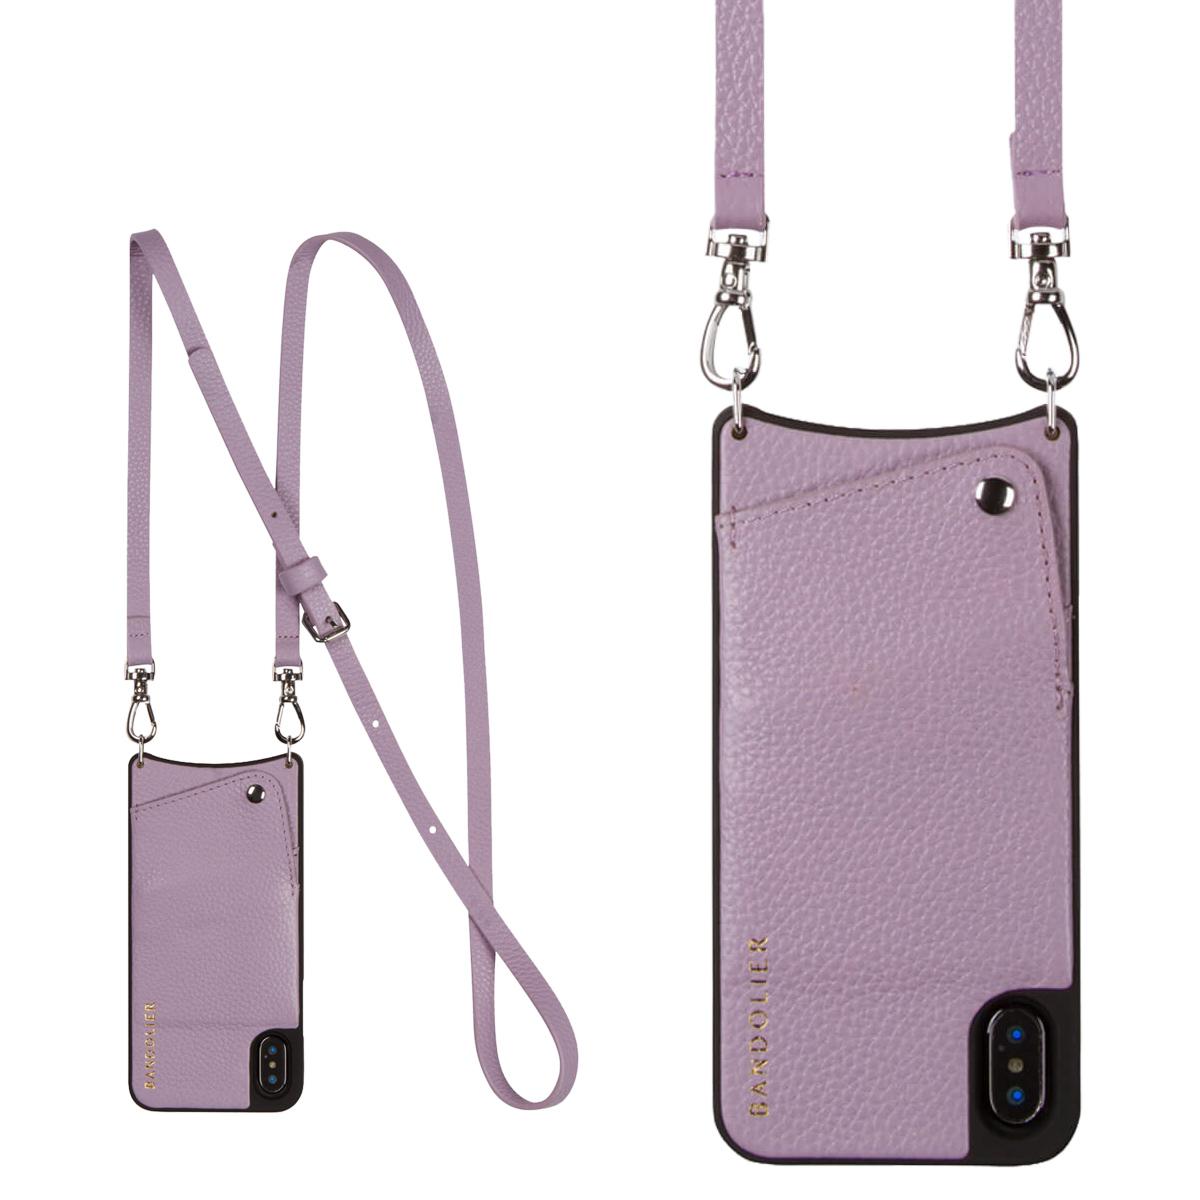 BANDOLIER iPhone XS MAX EMMA LILAC バンドリヤー ケース ショルダー スマホ アイフォン レザー メンズ レディース ライラック 10EMM1001 [4/18 再入荷][194]